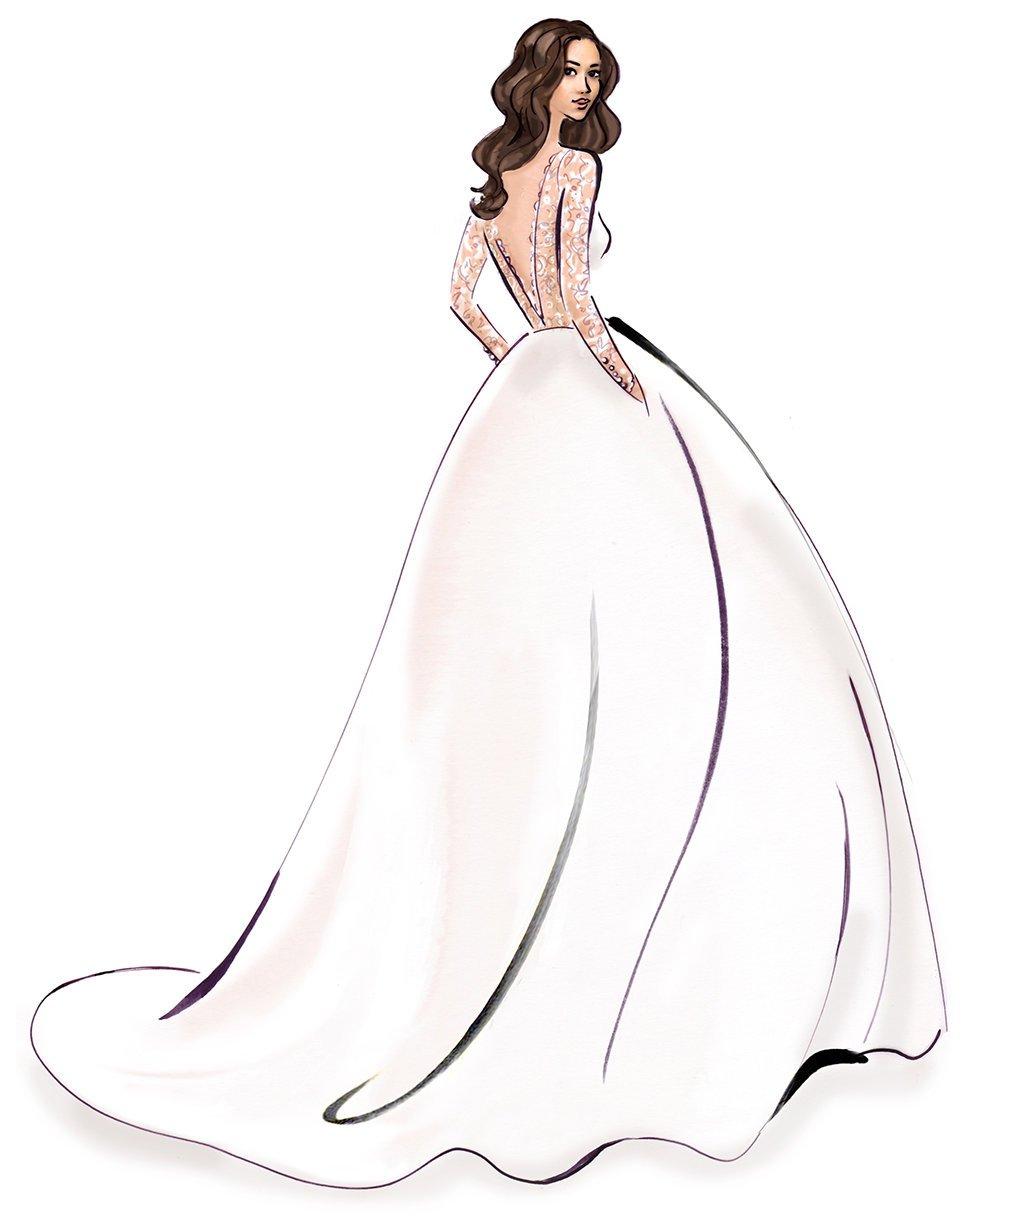 Свадебное платье картинка нарисованная на прозрачном фоне